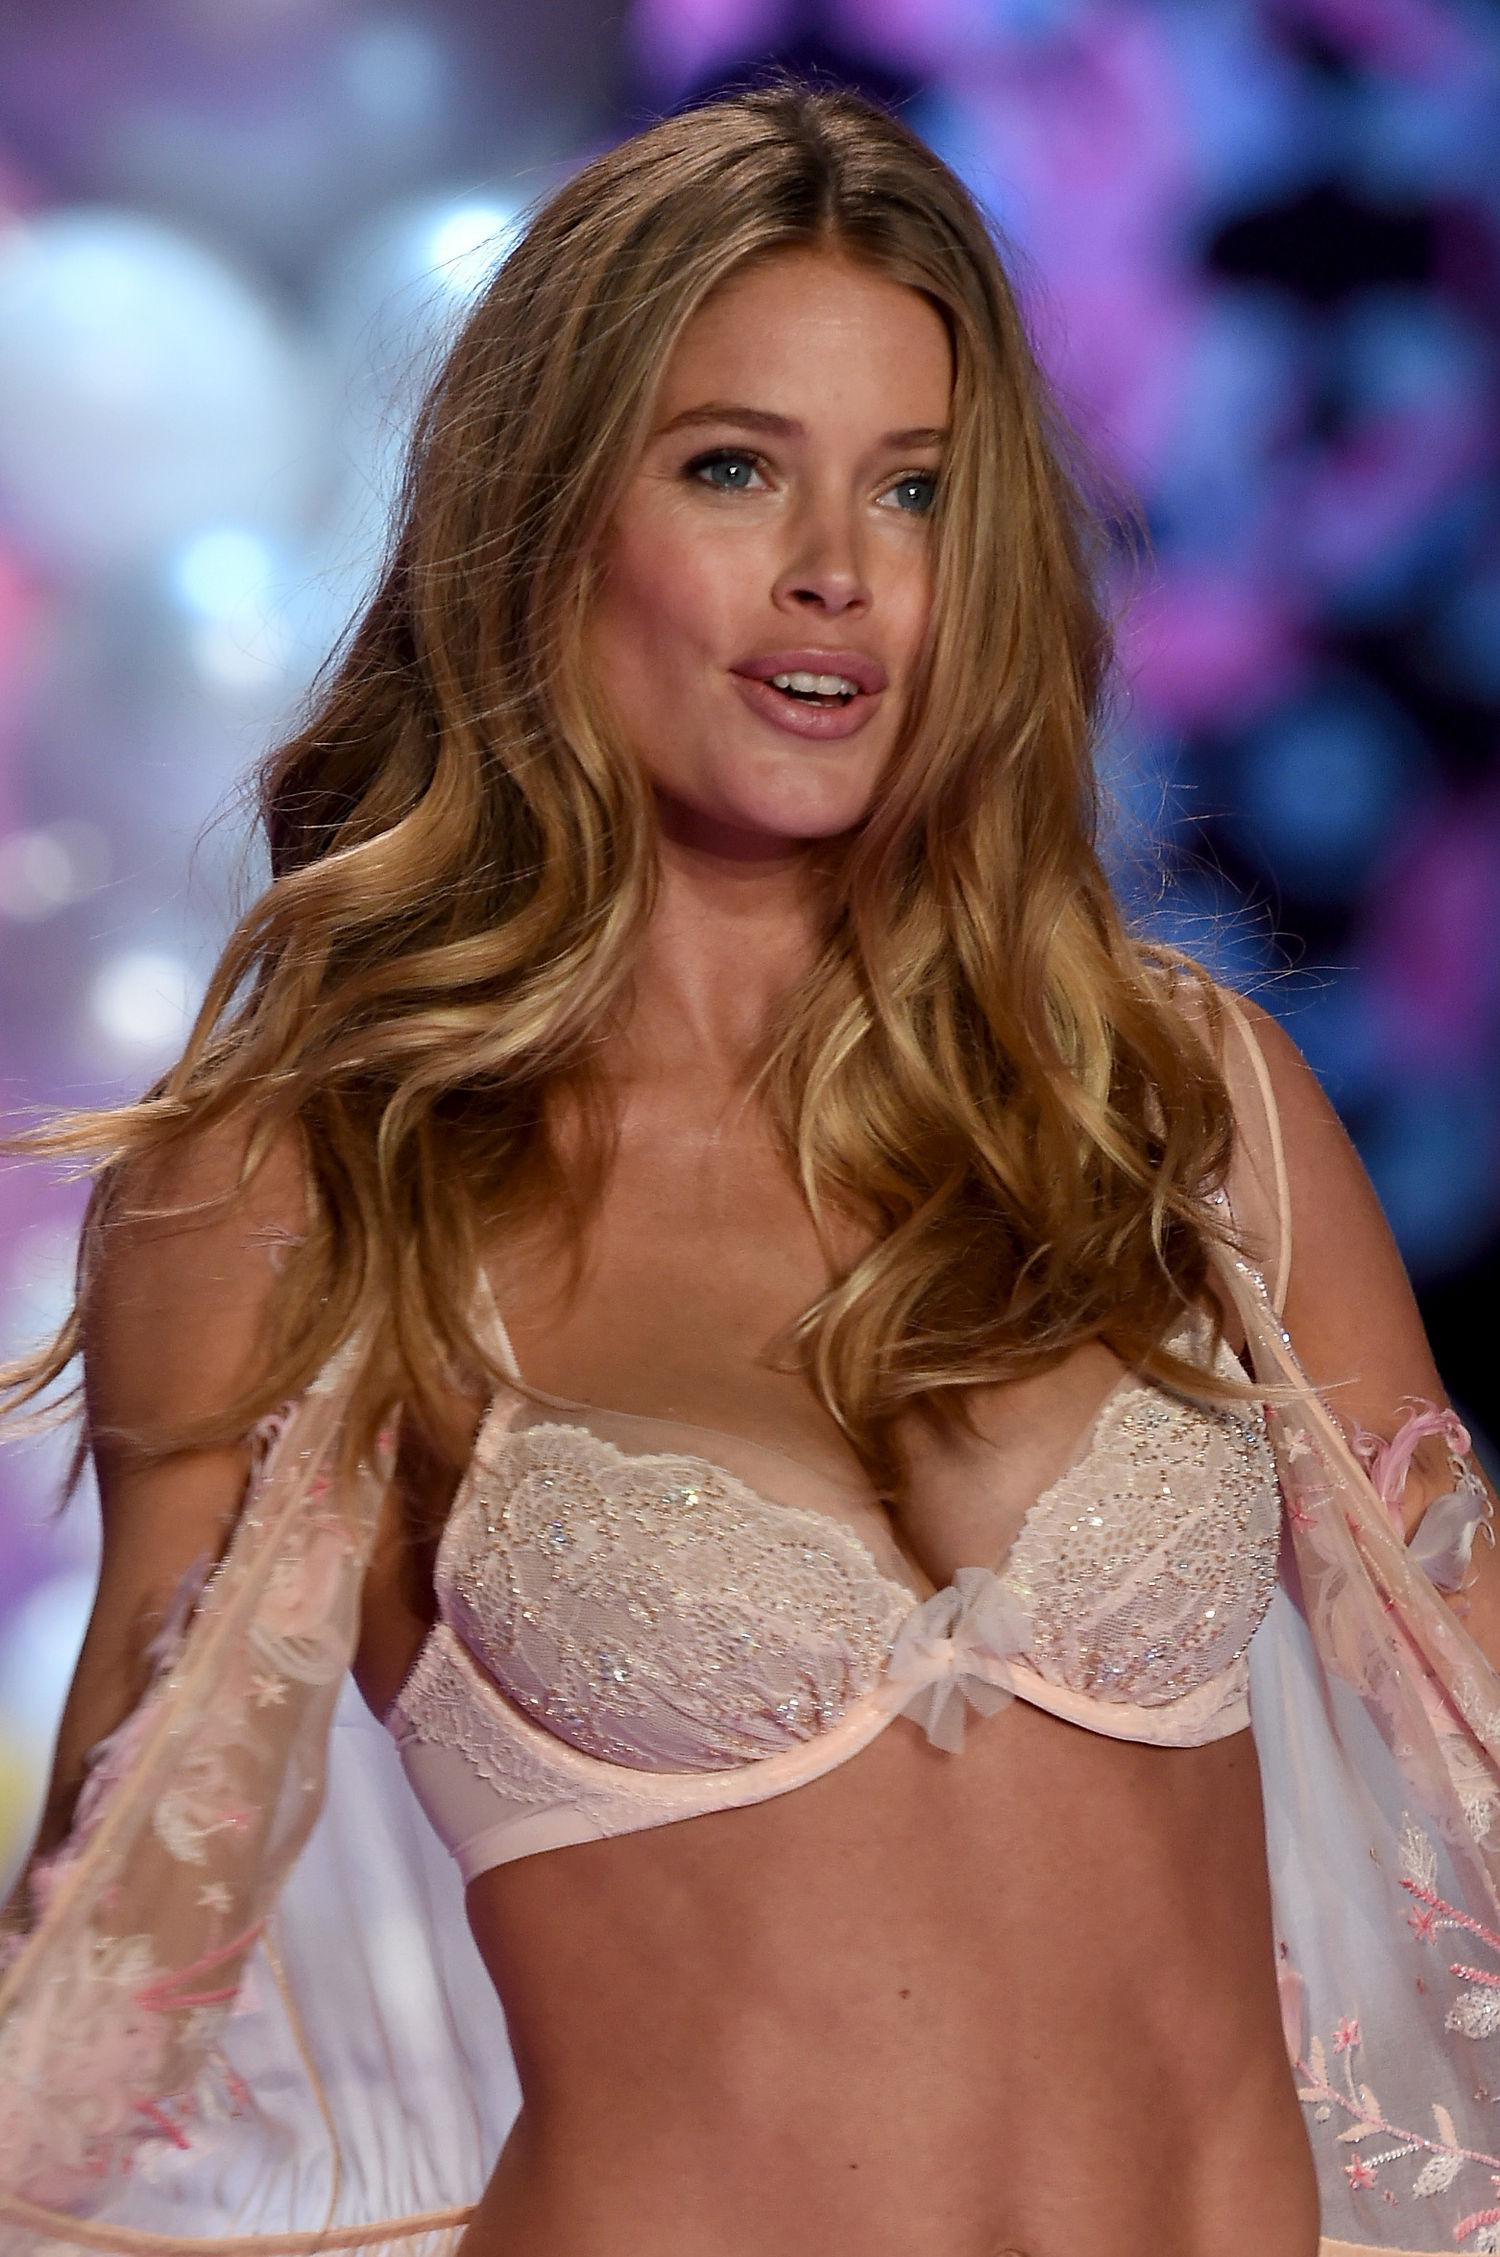 Doutzen Kroes Seksi Model Yang Memulai Karir Sejak SMA